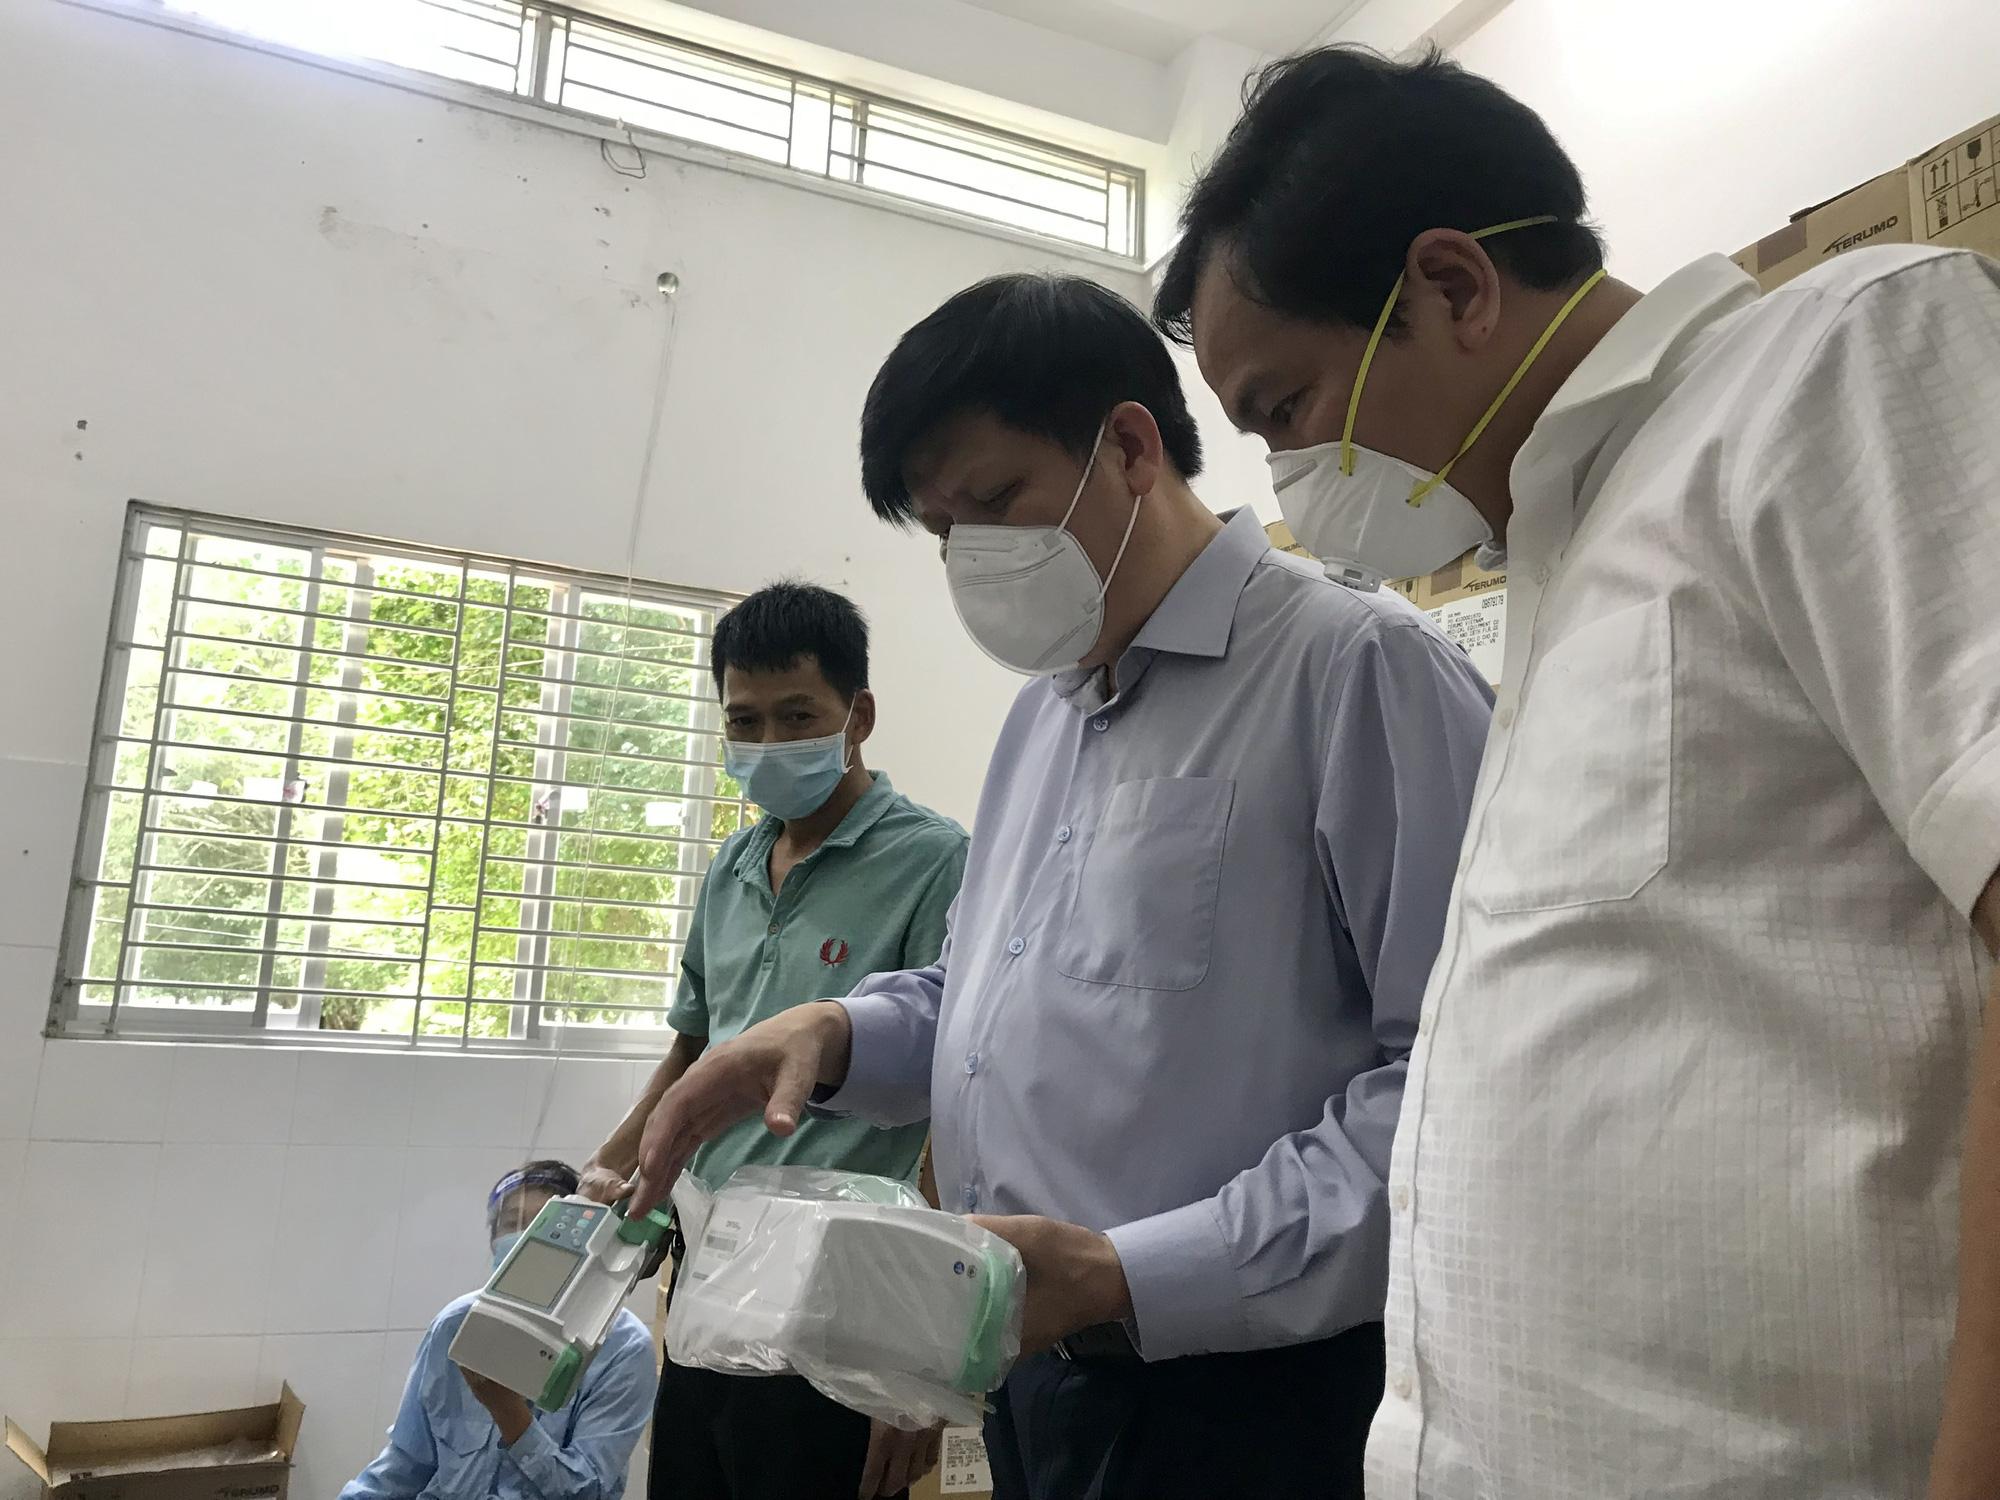 Bộ trưởng Bộ Y tế: Sẵn sàng đưa vào hoạt động Trung tâm hồi sức tích cực vùng 500 giường tại Cần Thơ - Ảnh 7.